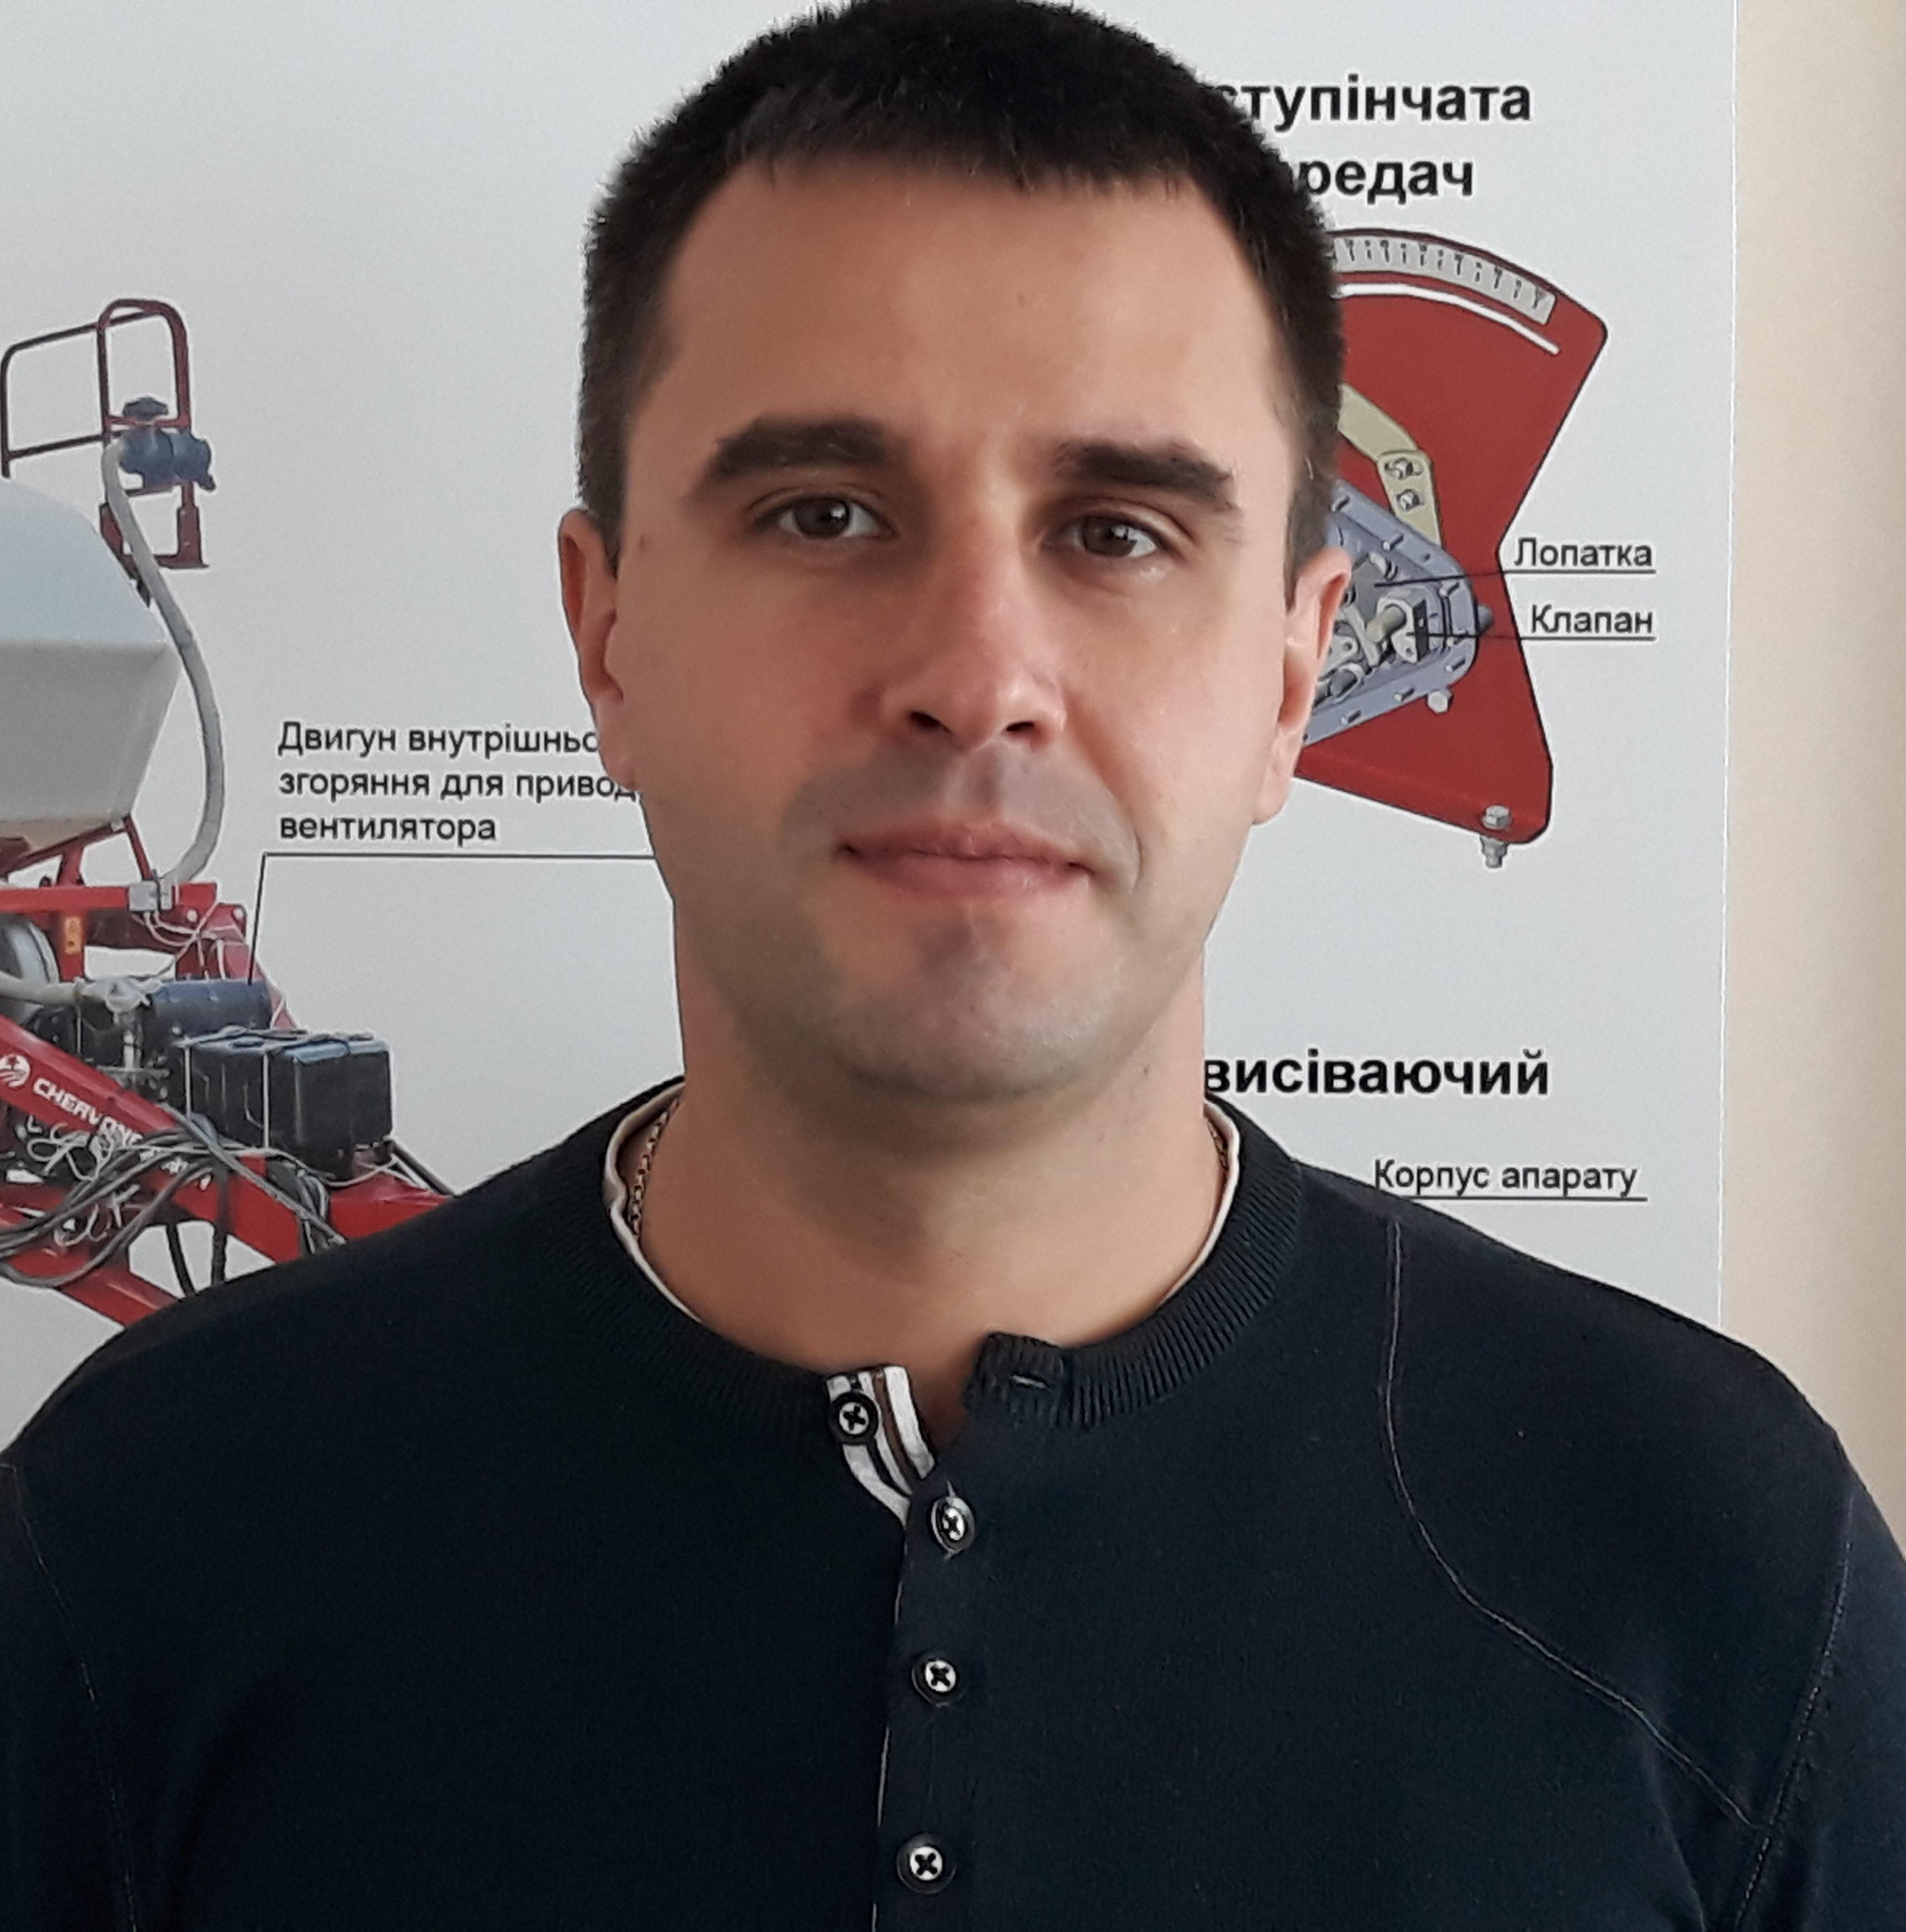 Марченко Дмитро Дмитрович